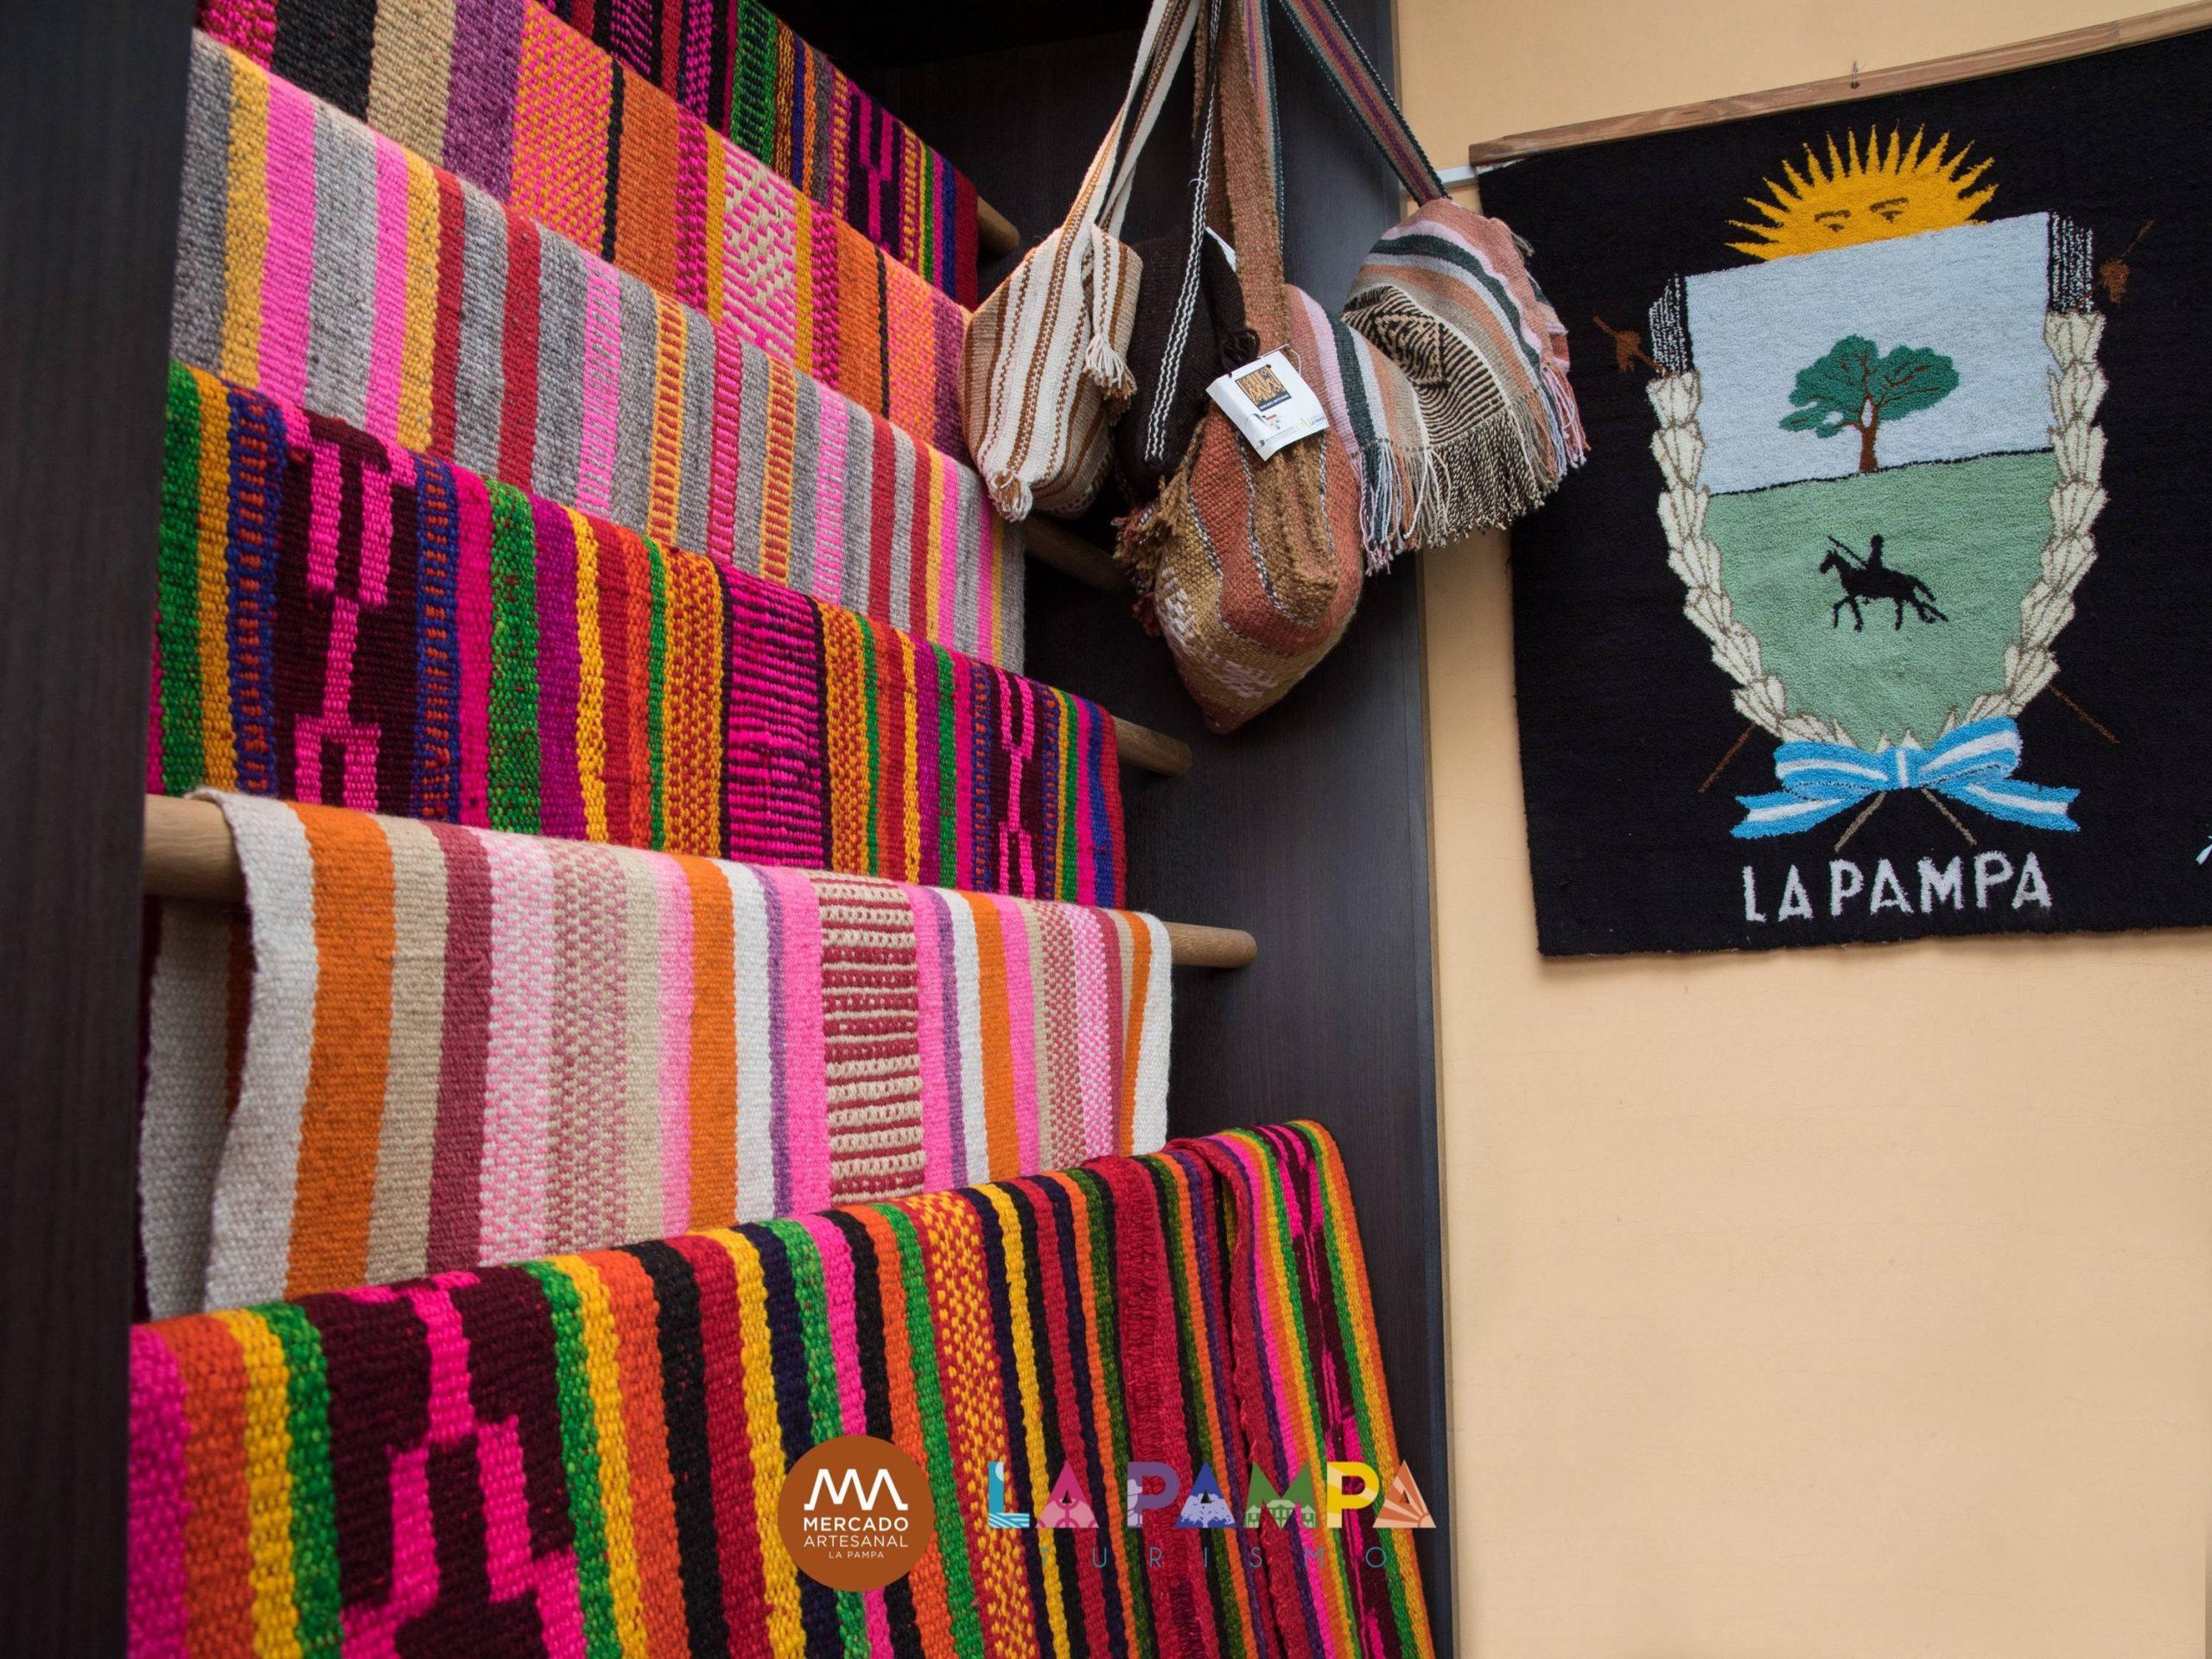 Fundado hace más de 40 años, el Mercado Artesanal es un símbolo que representa las tradiciones más ricas de La Pampa